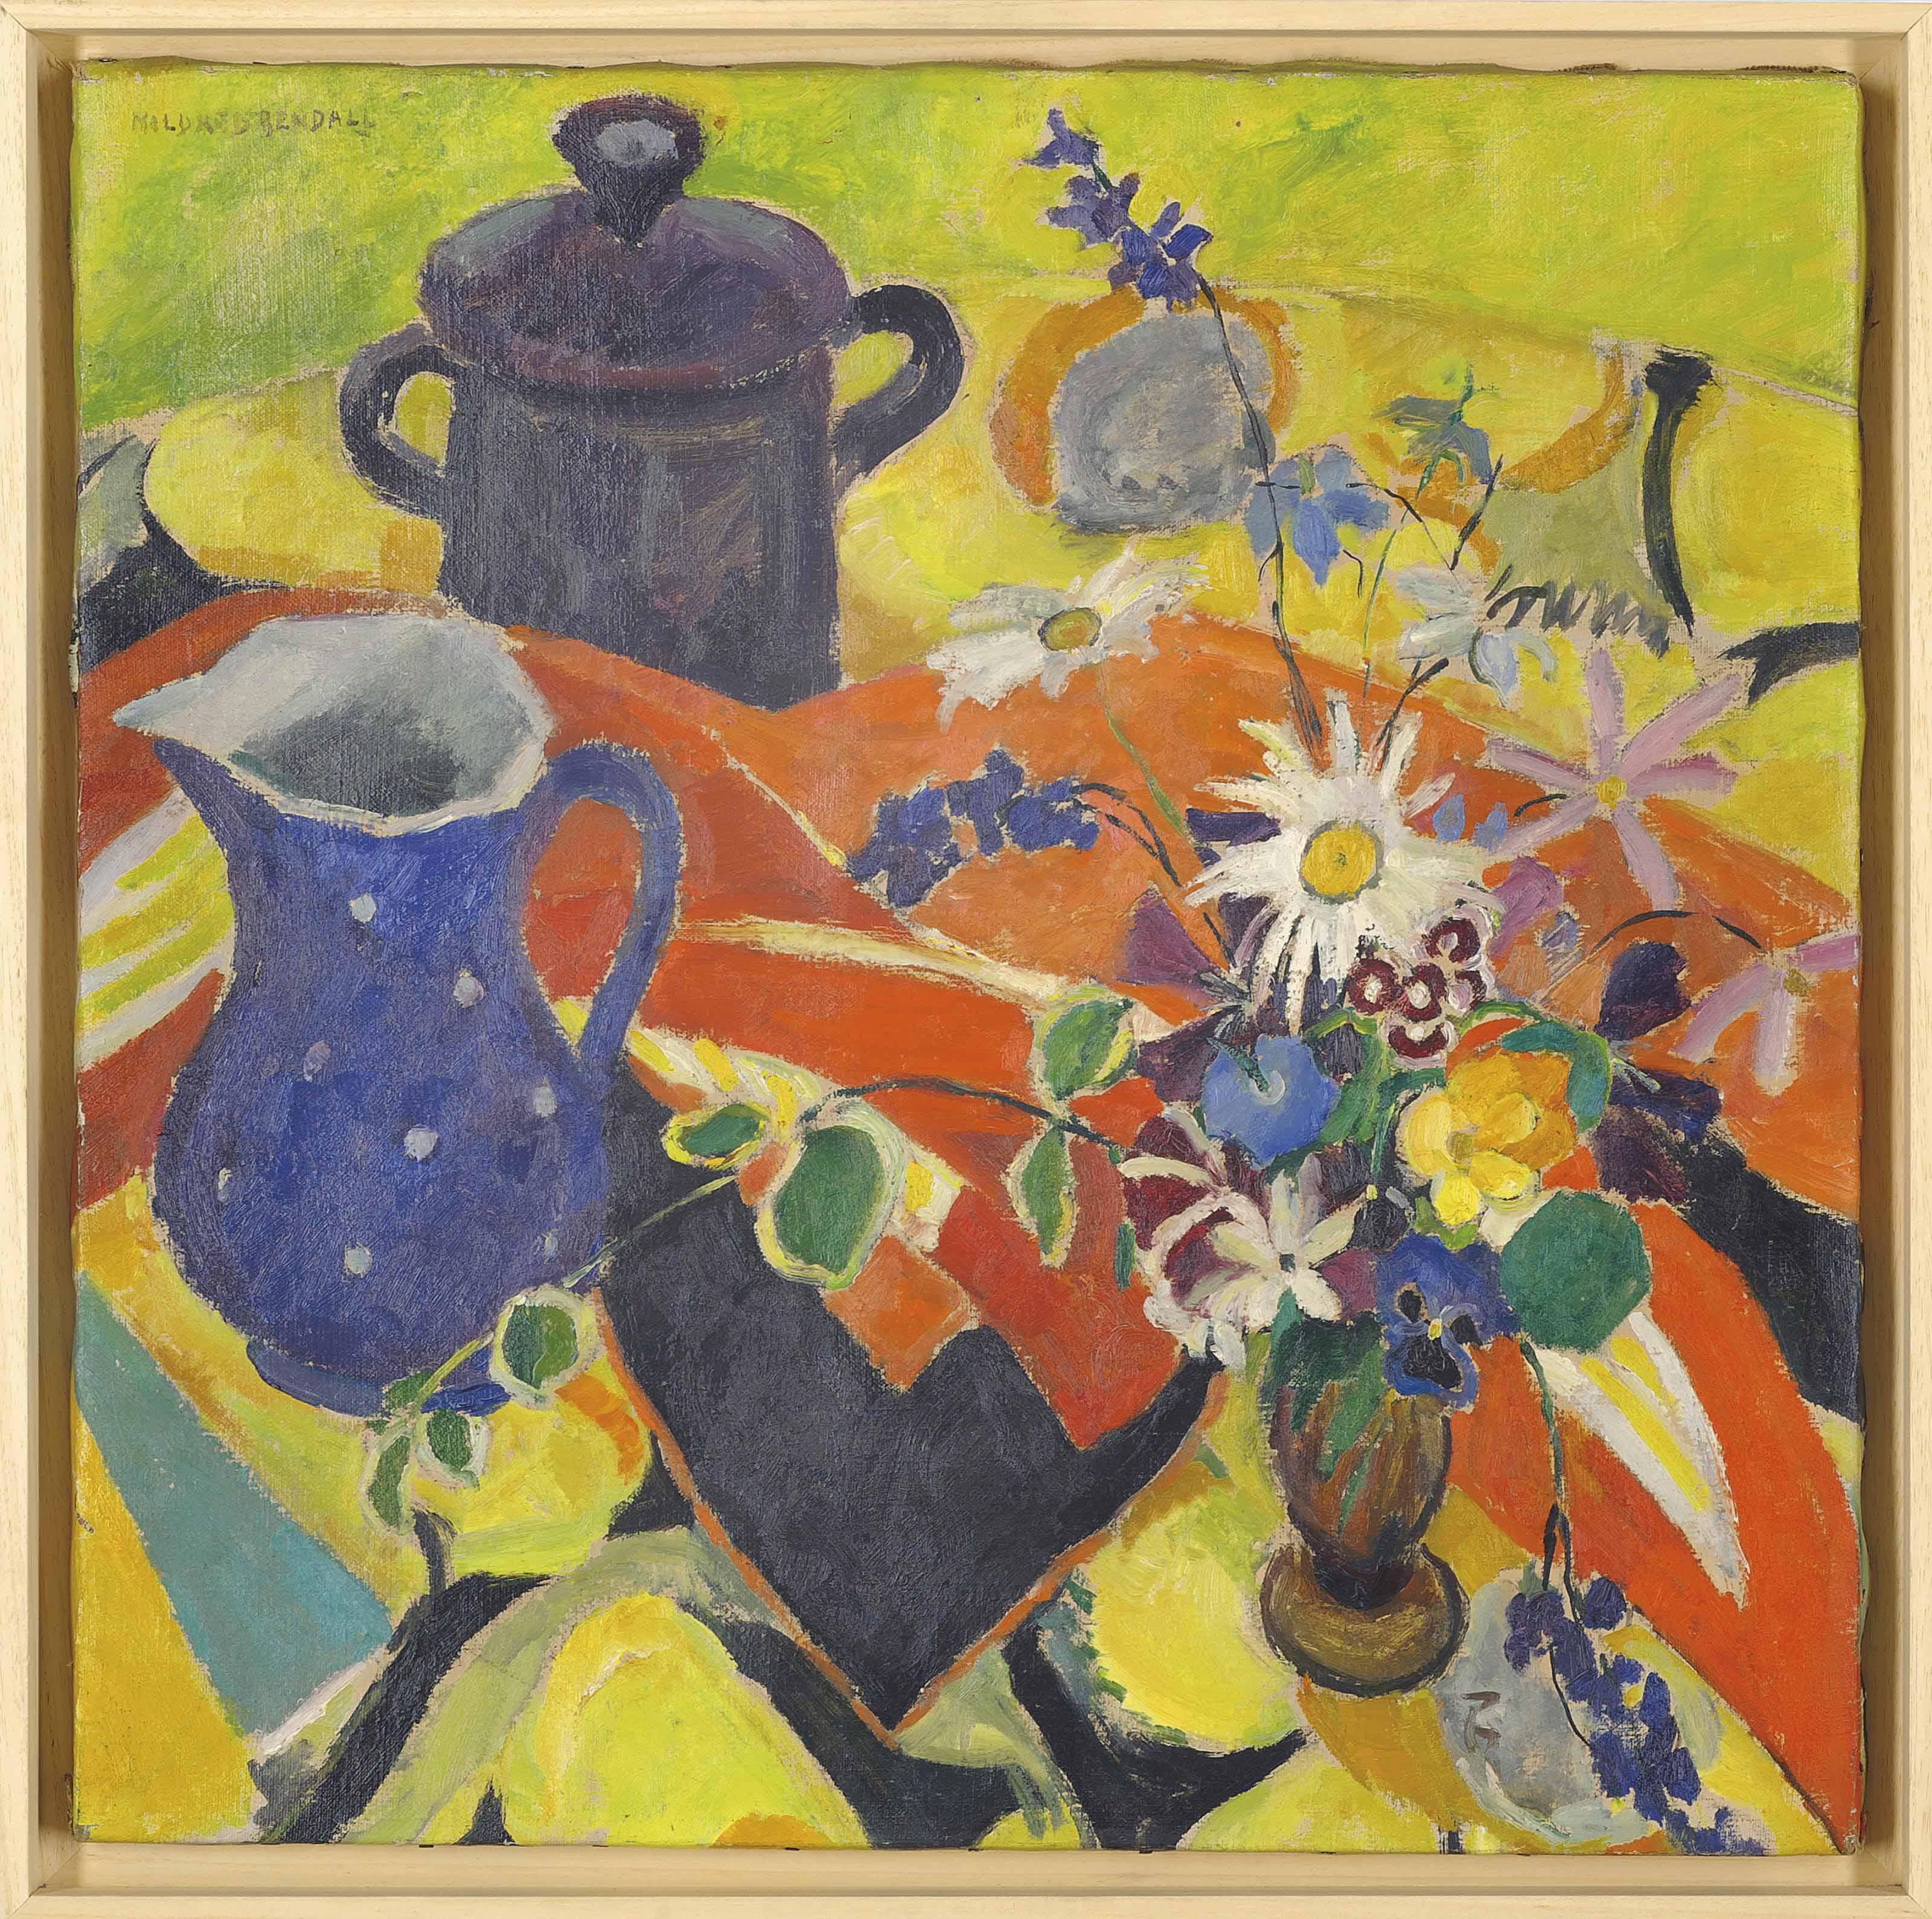 The blue jug